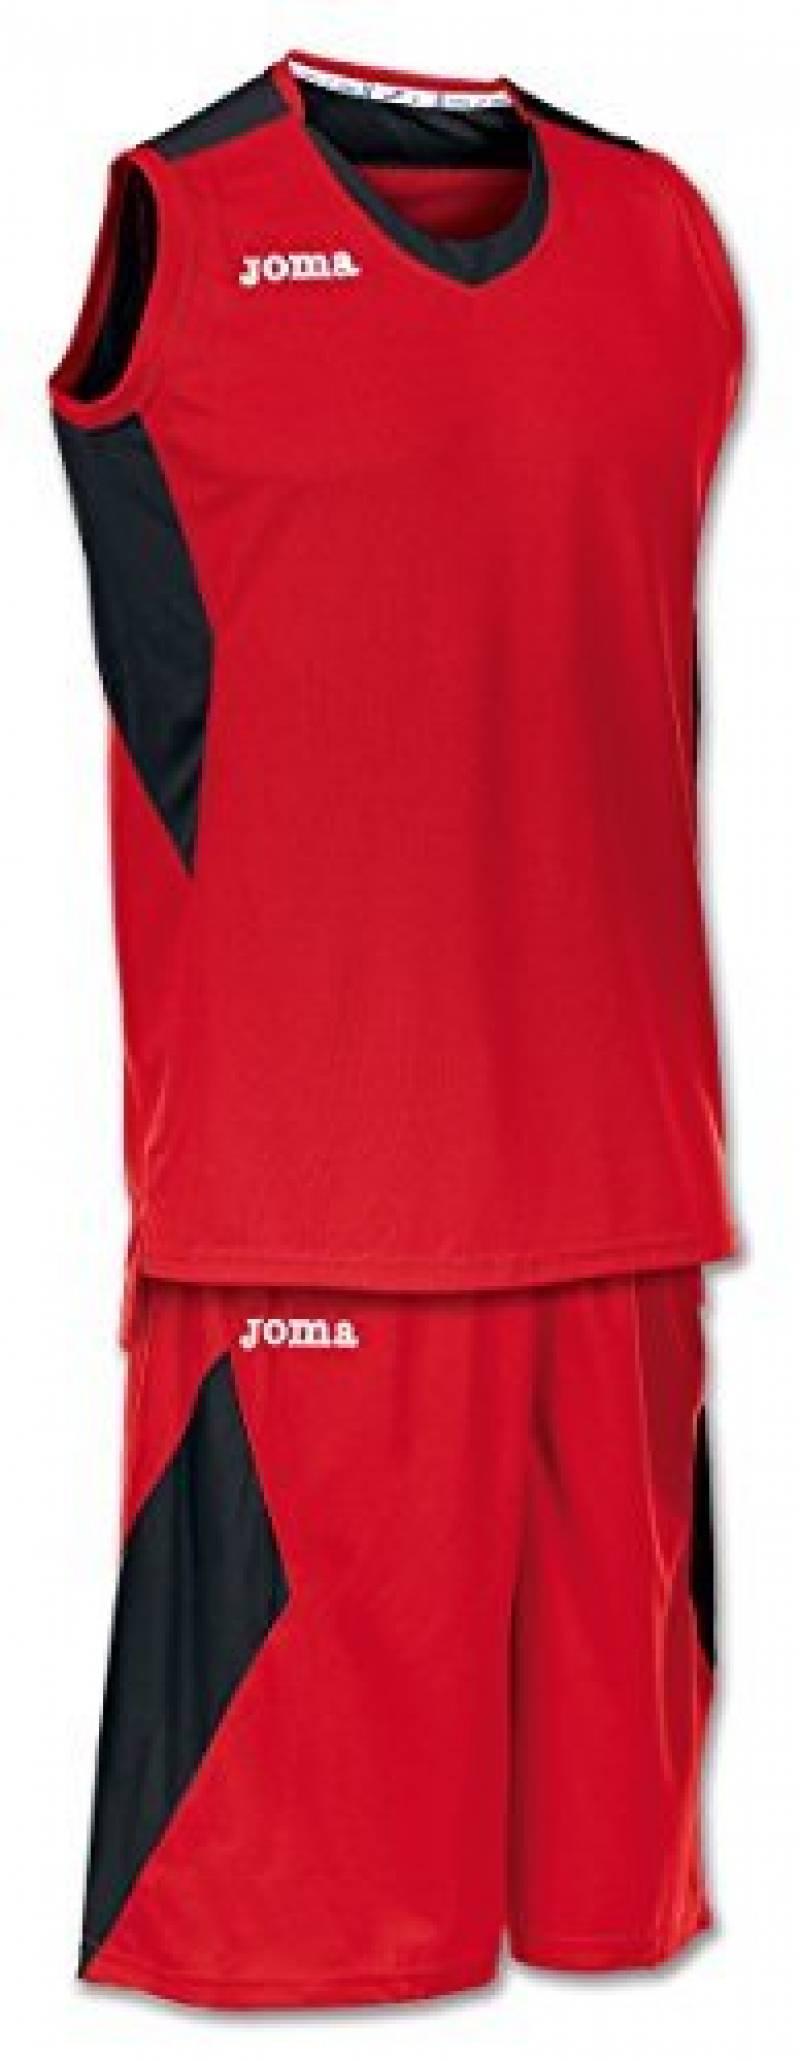 Ensemble Basket SET SPACE JOMA Rouge / Noir de la marque Joma TOP 1 image 0 produit